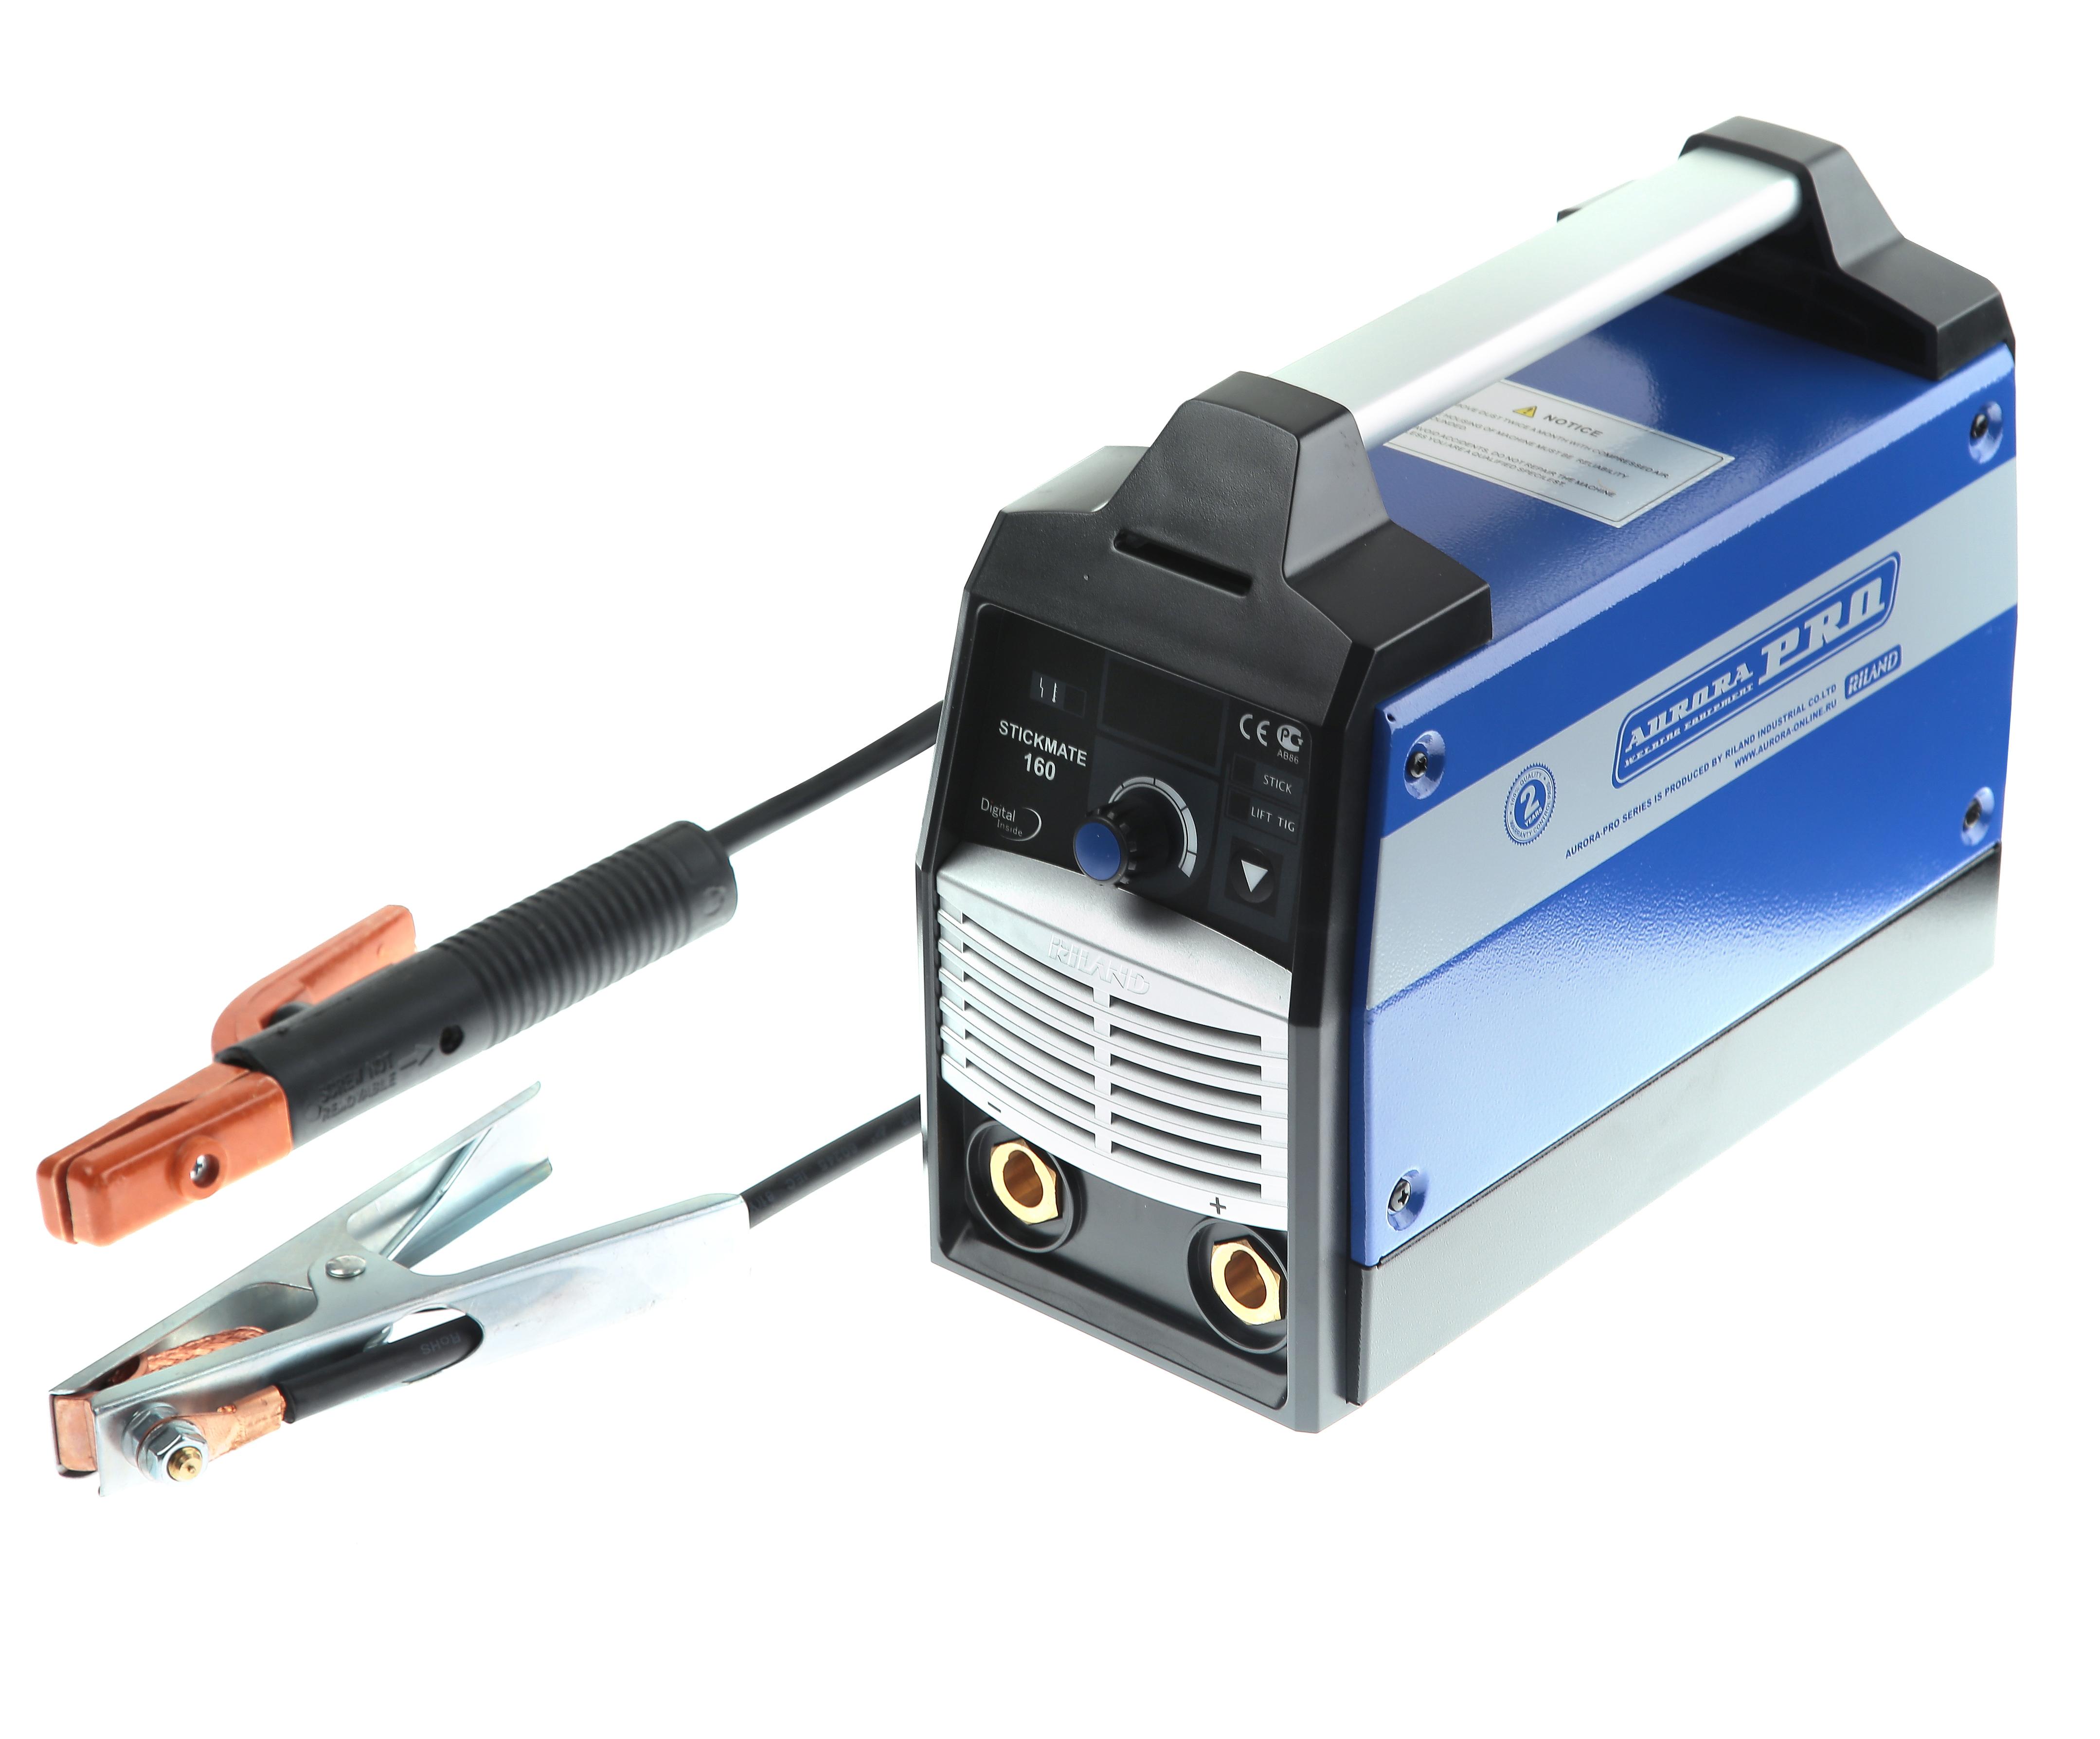 Сварочный инвертор Aurora pro Stickmate 160 igbt